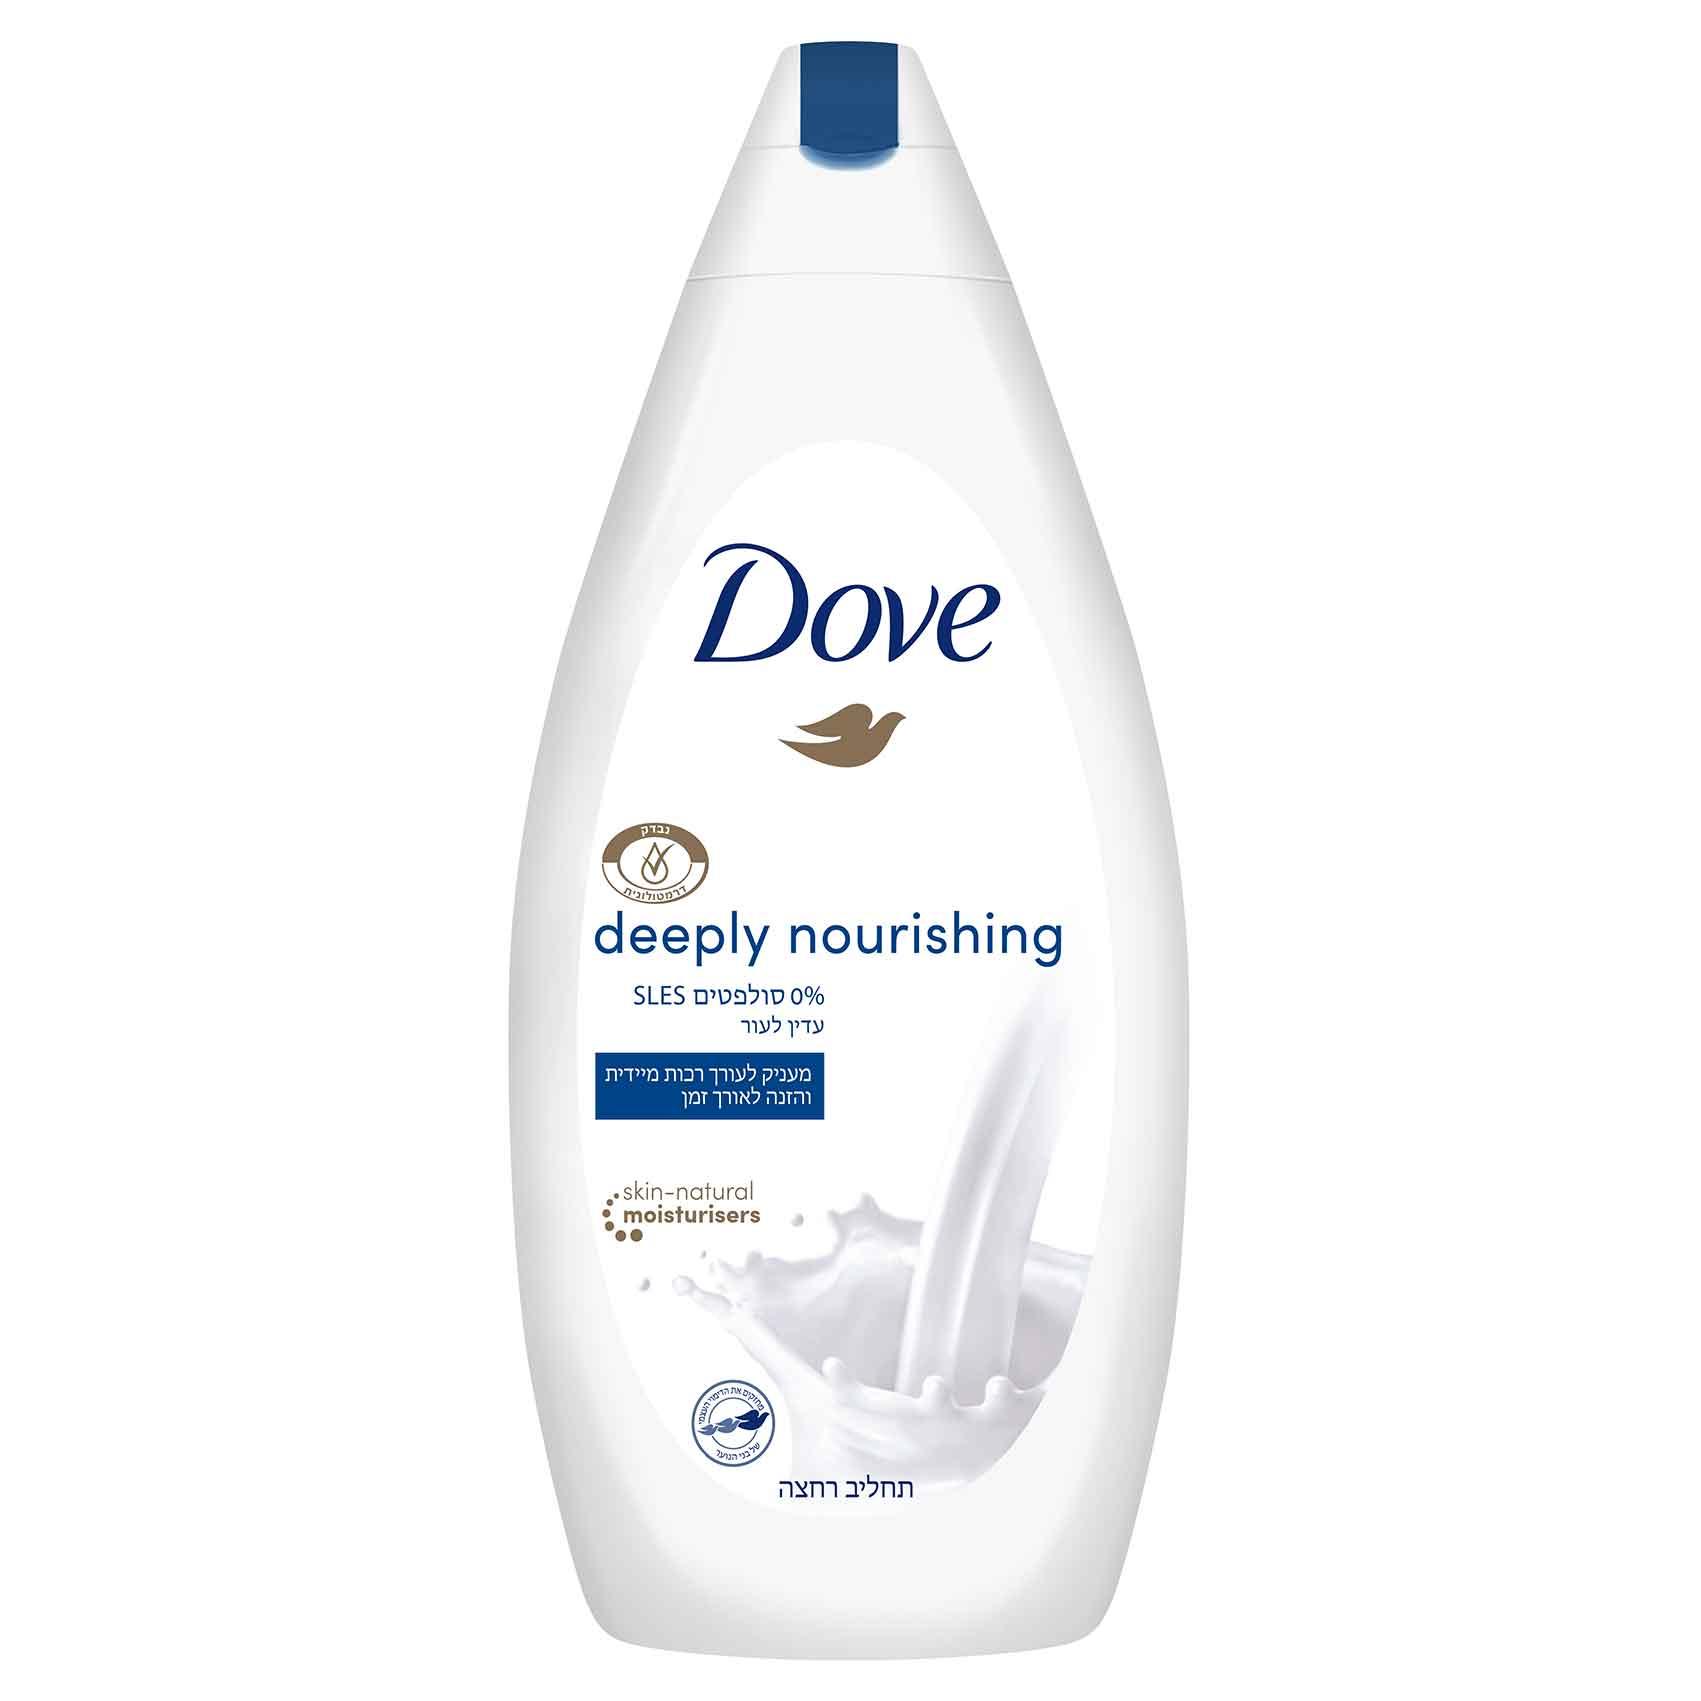 תחליב-רחצה-Dove-deeply-nourishing